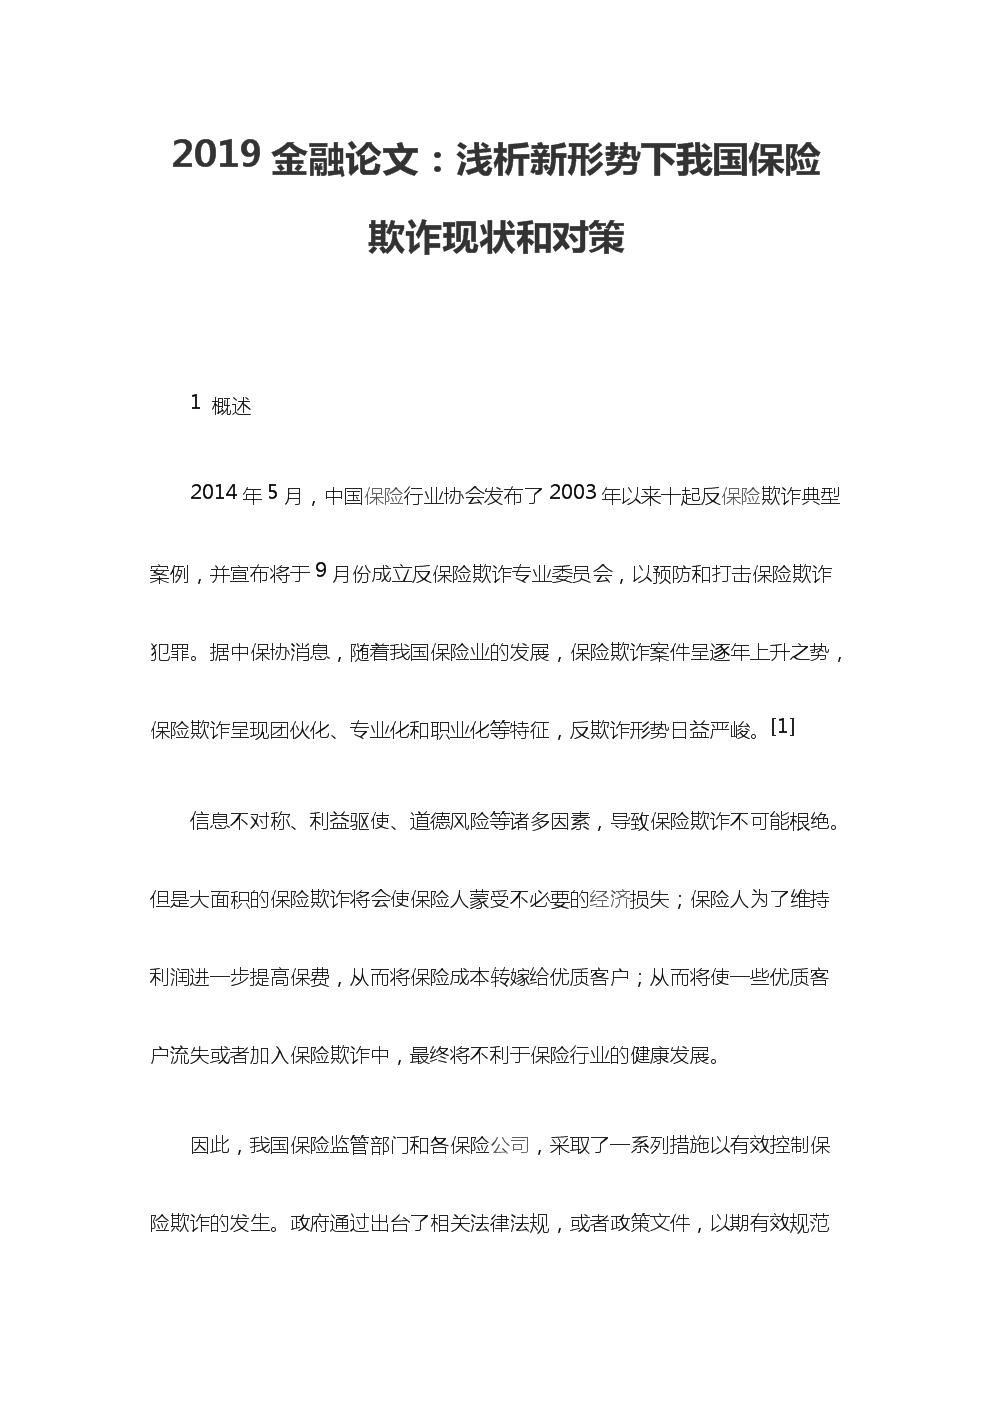 2019金融论文:浅析新形势下我国保险欺诈现状和对策.docx